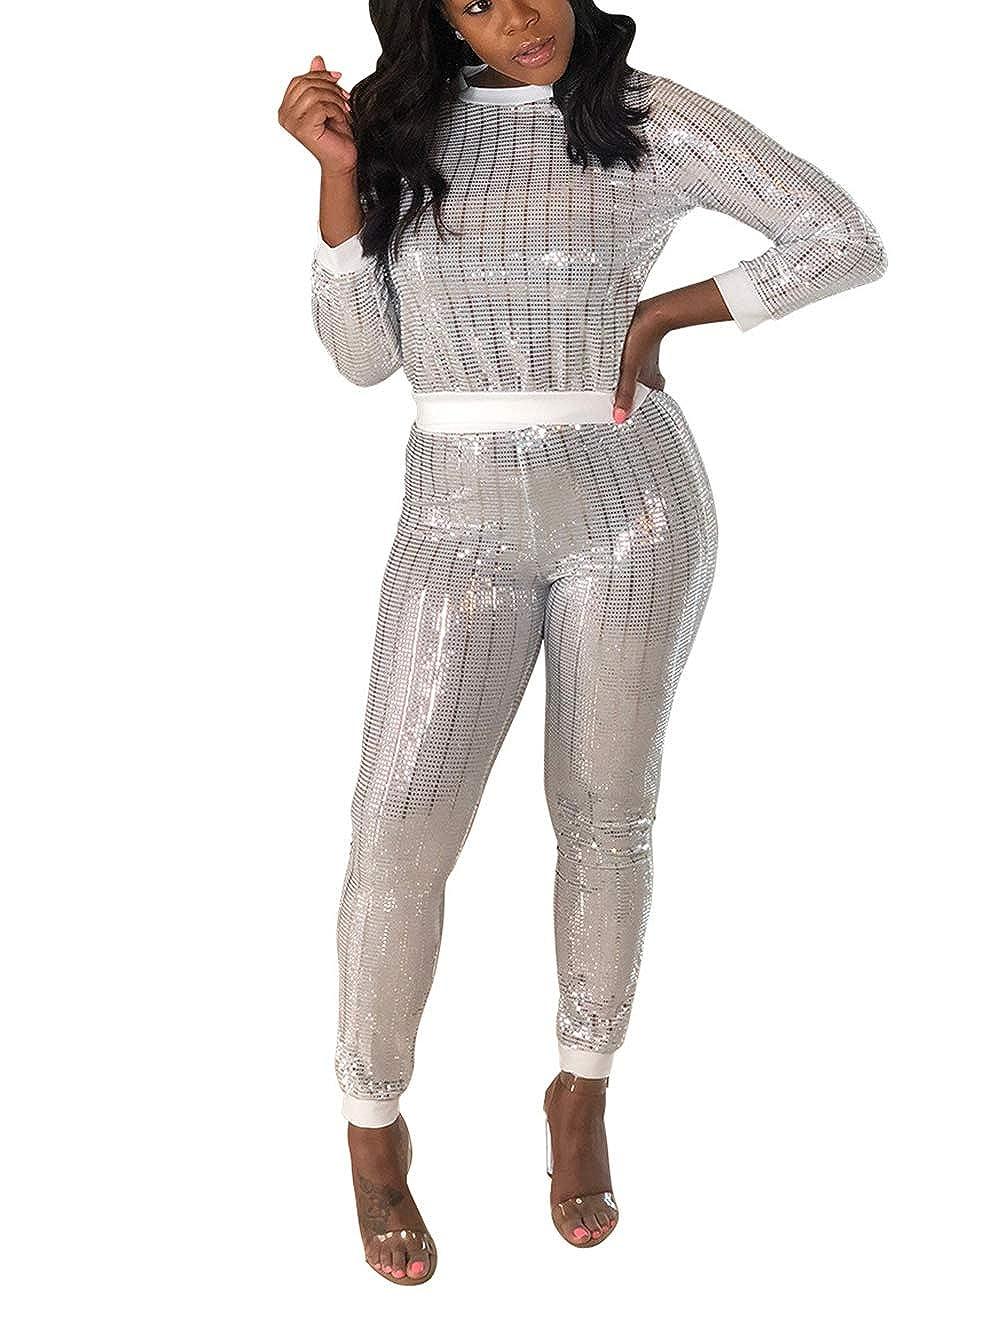 4 White Kafiloe Women 2 Piece Outfits Clubwear Bodycon Sequin Jumpsuit Set Crop Top Pants Suit